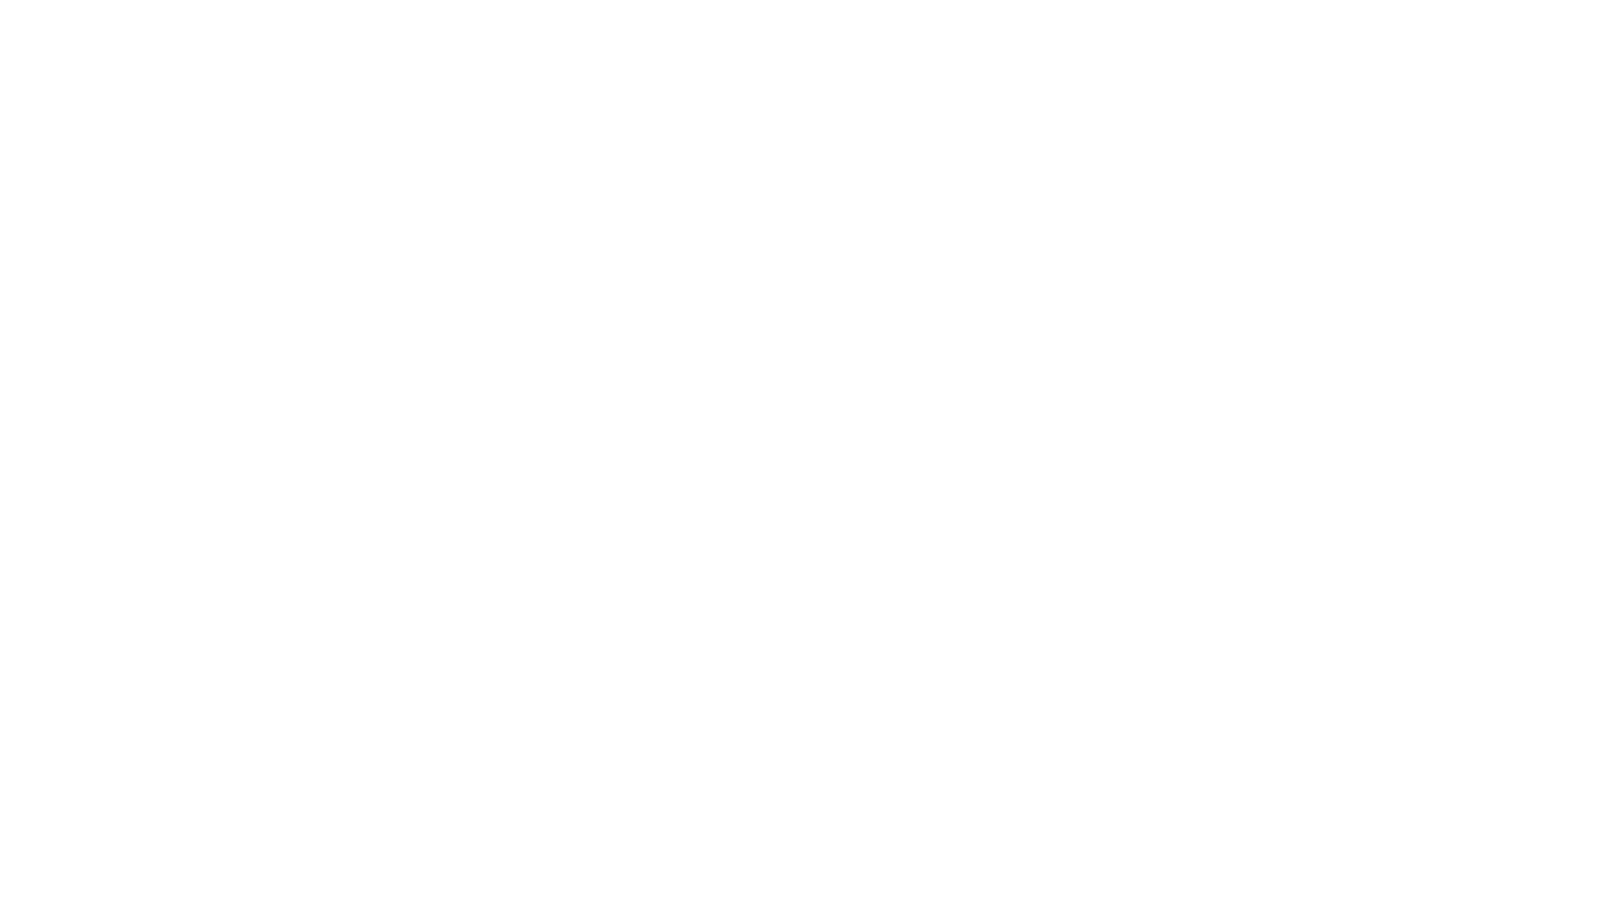 ハムロールパンの成形 レシピなど詳しくはこちら⇒https://kneader.home.blog/